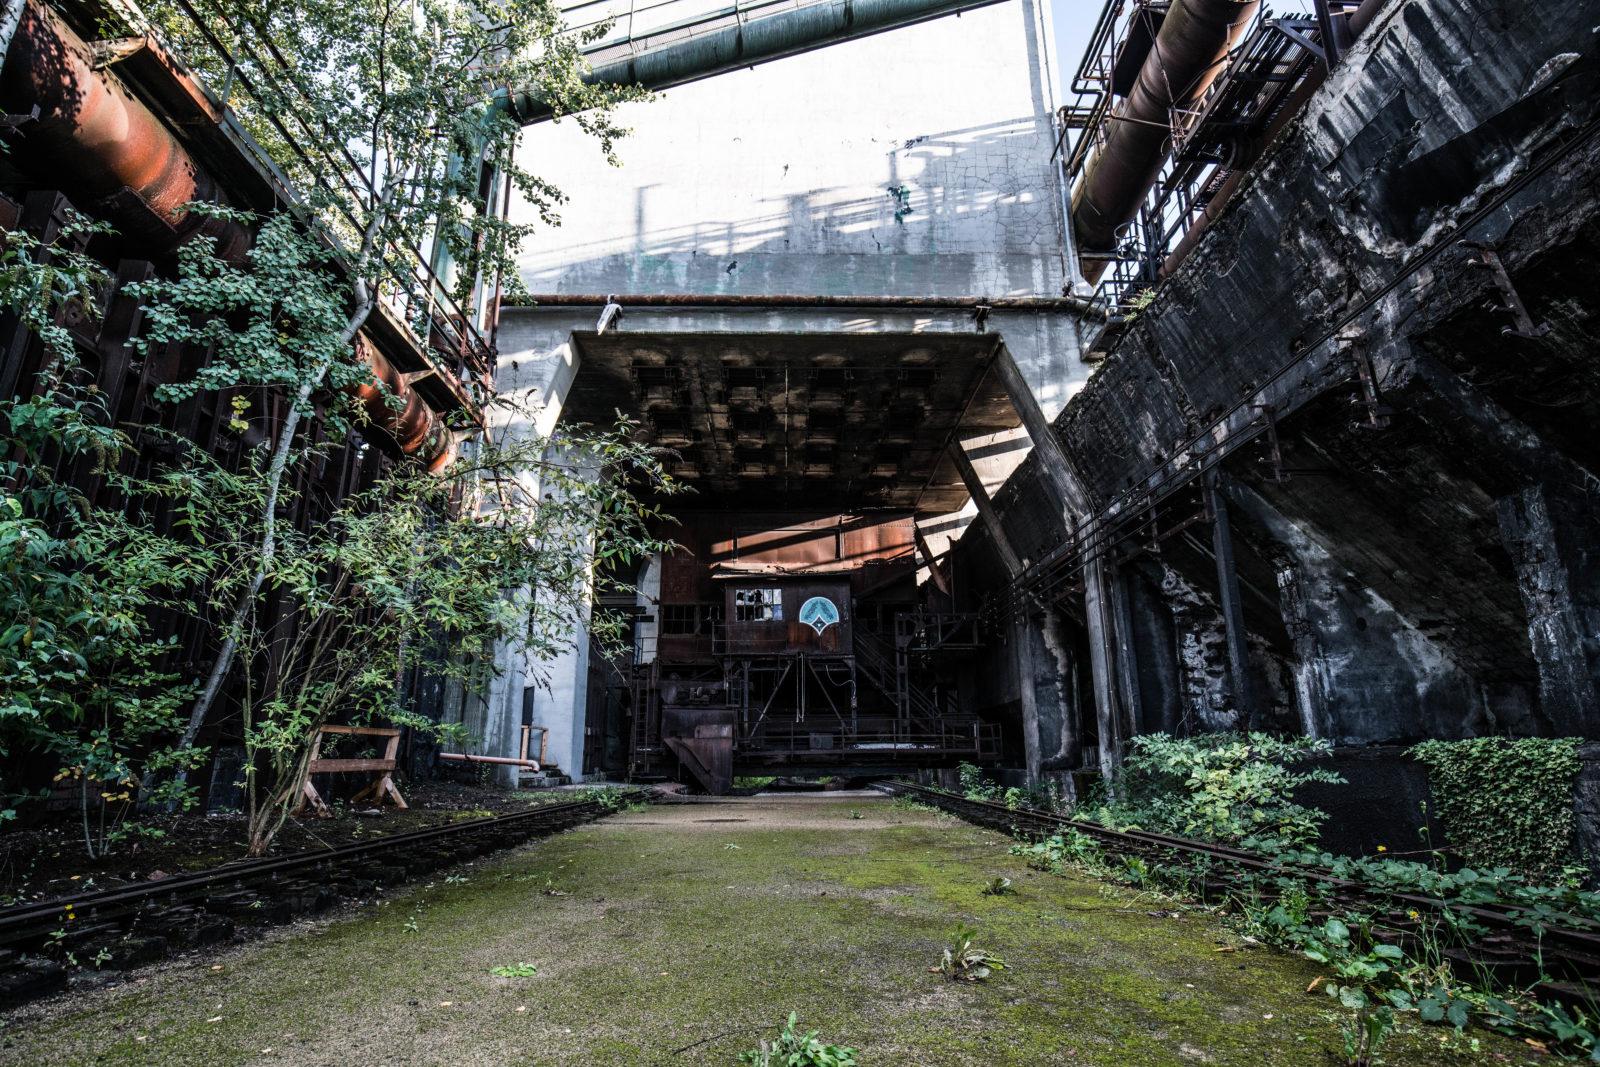 urbex explorationurbaine Volklingen usine abandonnee RADAR FrancsColleurs video tournage DSC01548 2 - Exploration en réalité augmentée de l'usine de Völklingen et des gouttes Francs Colleurs